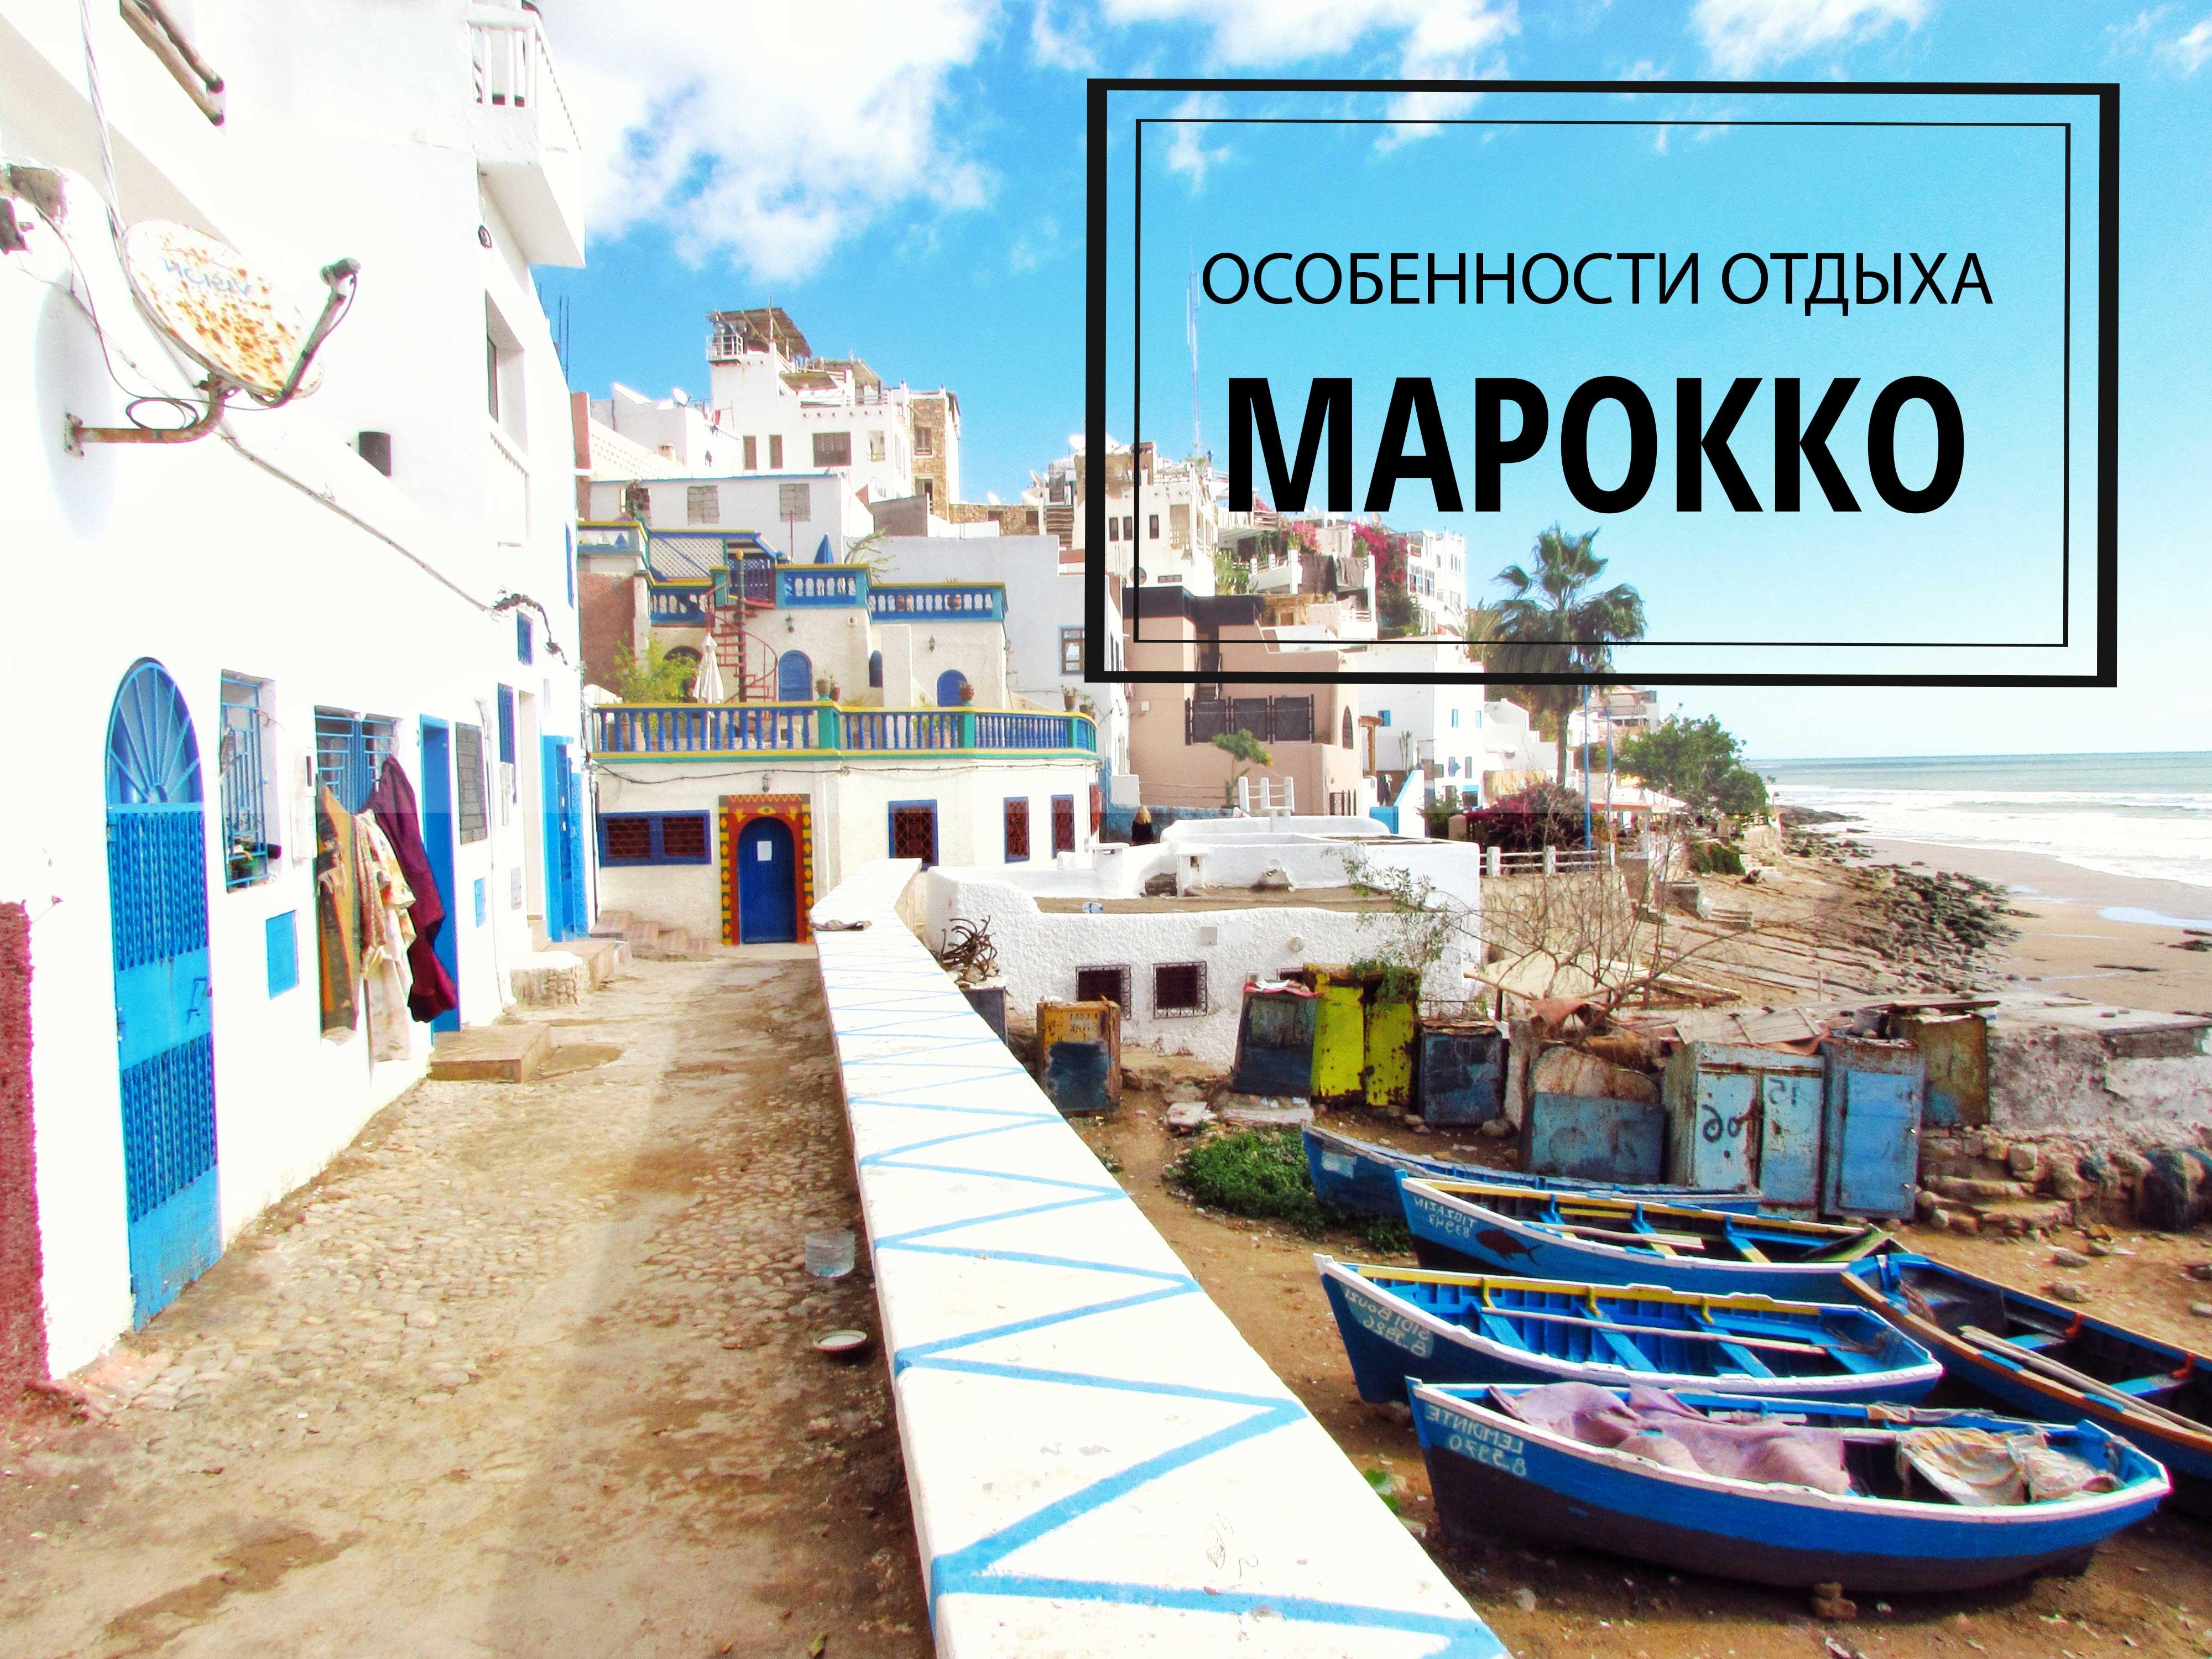 Отдых в Марокко: 10 причин влюбиться в Марокко